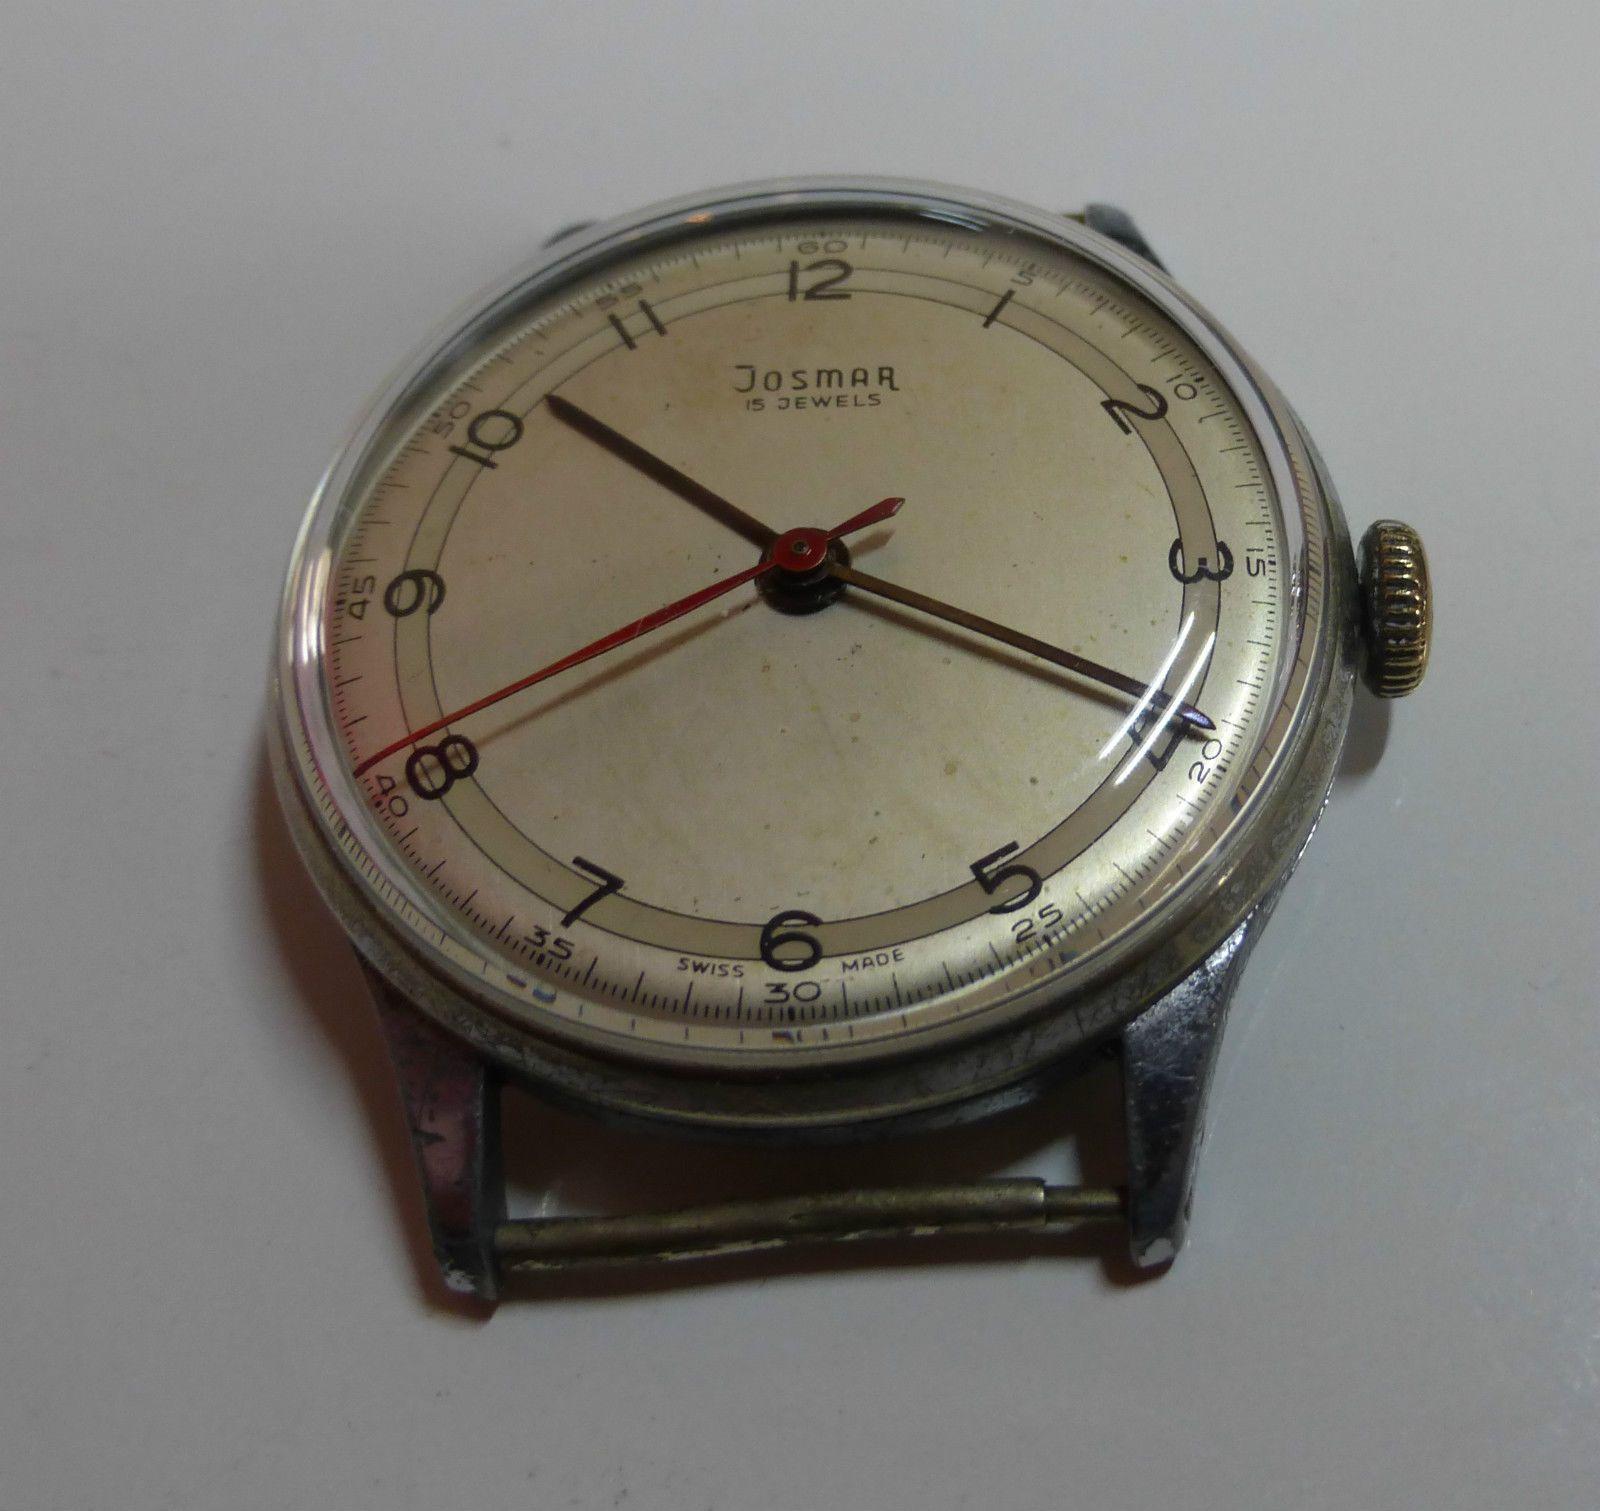 Vintage Herrenuhr * JOSMAR HAU * Handaufzug 15 Jewels ...